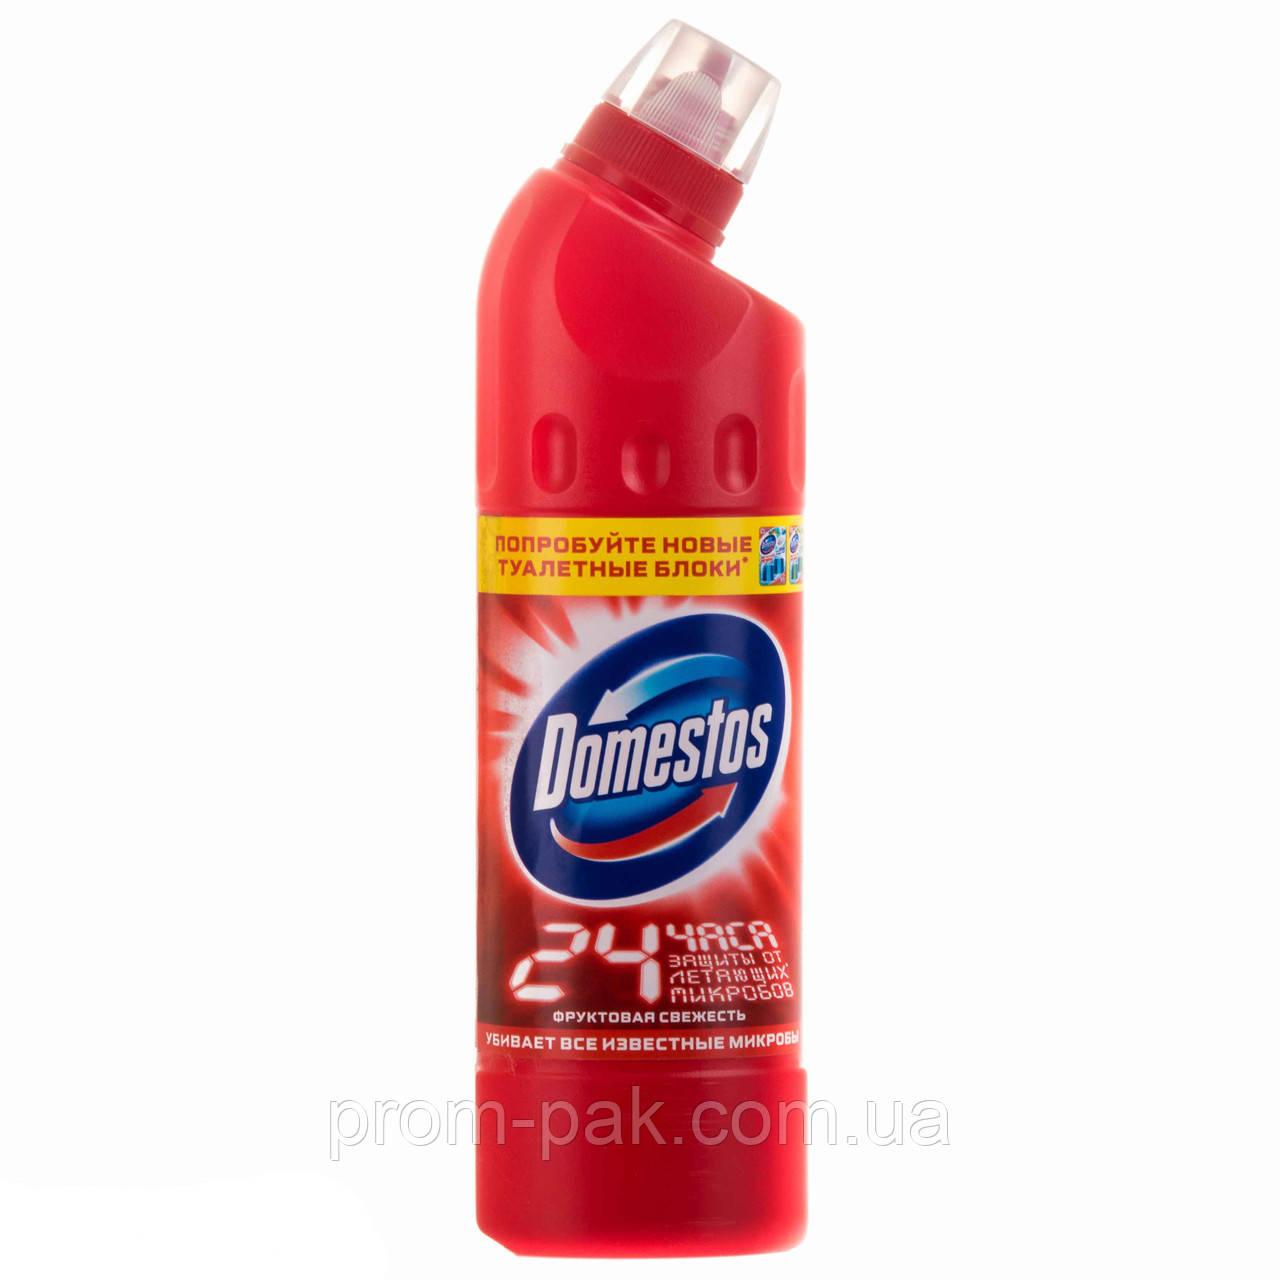 Моющее средство  для унитазов Domestos 500 мл фруктовая свежесть